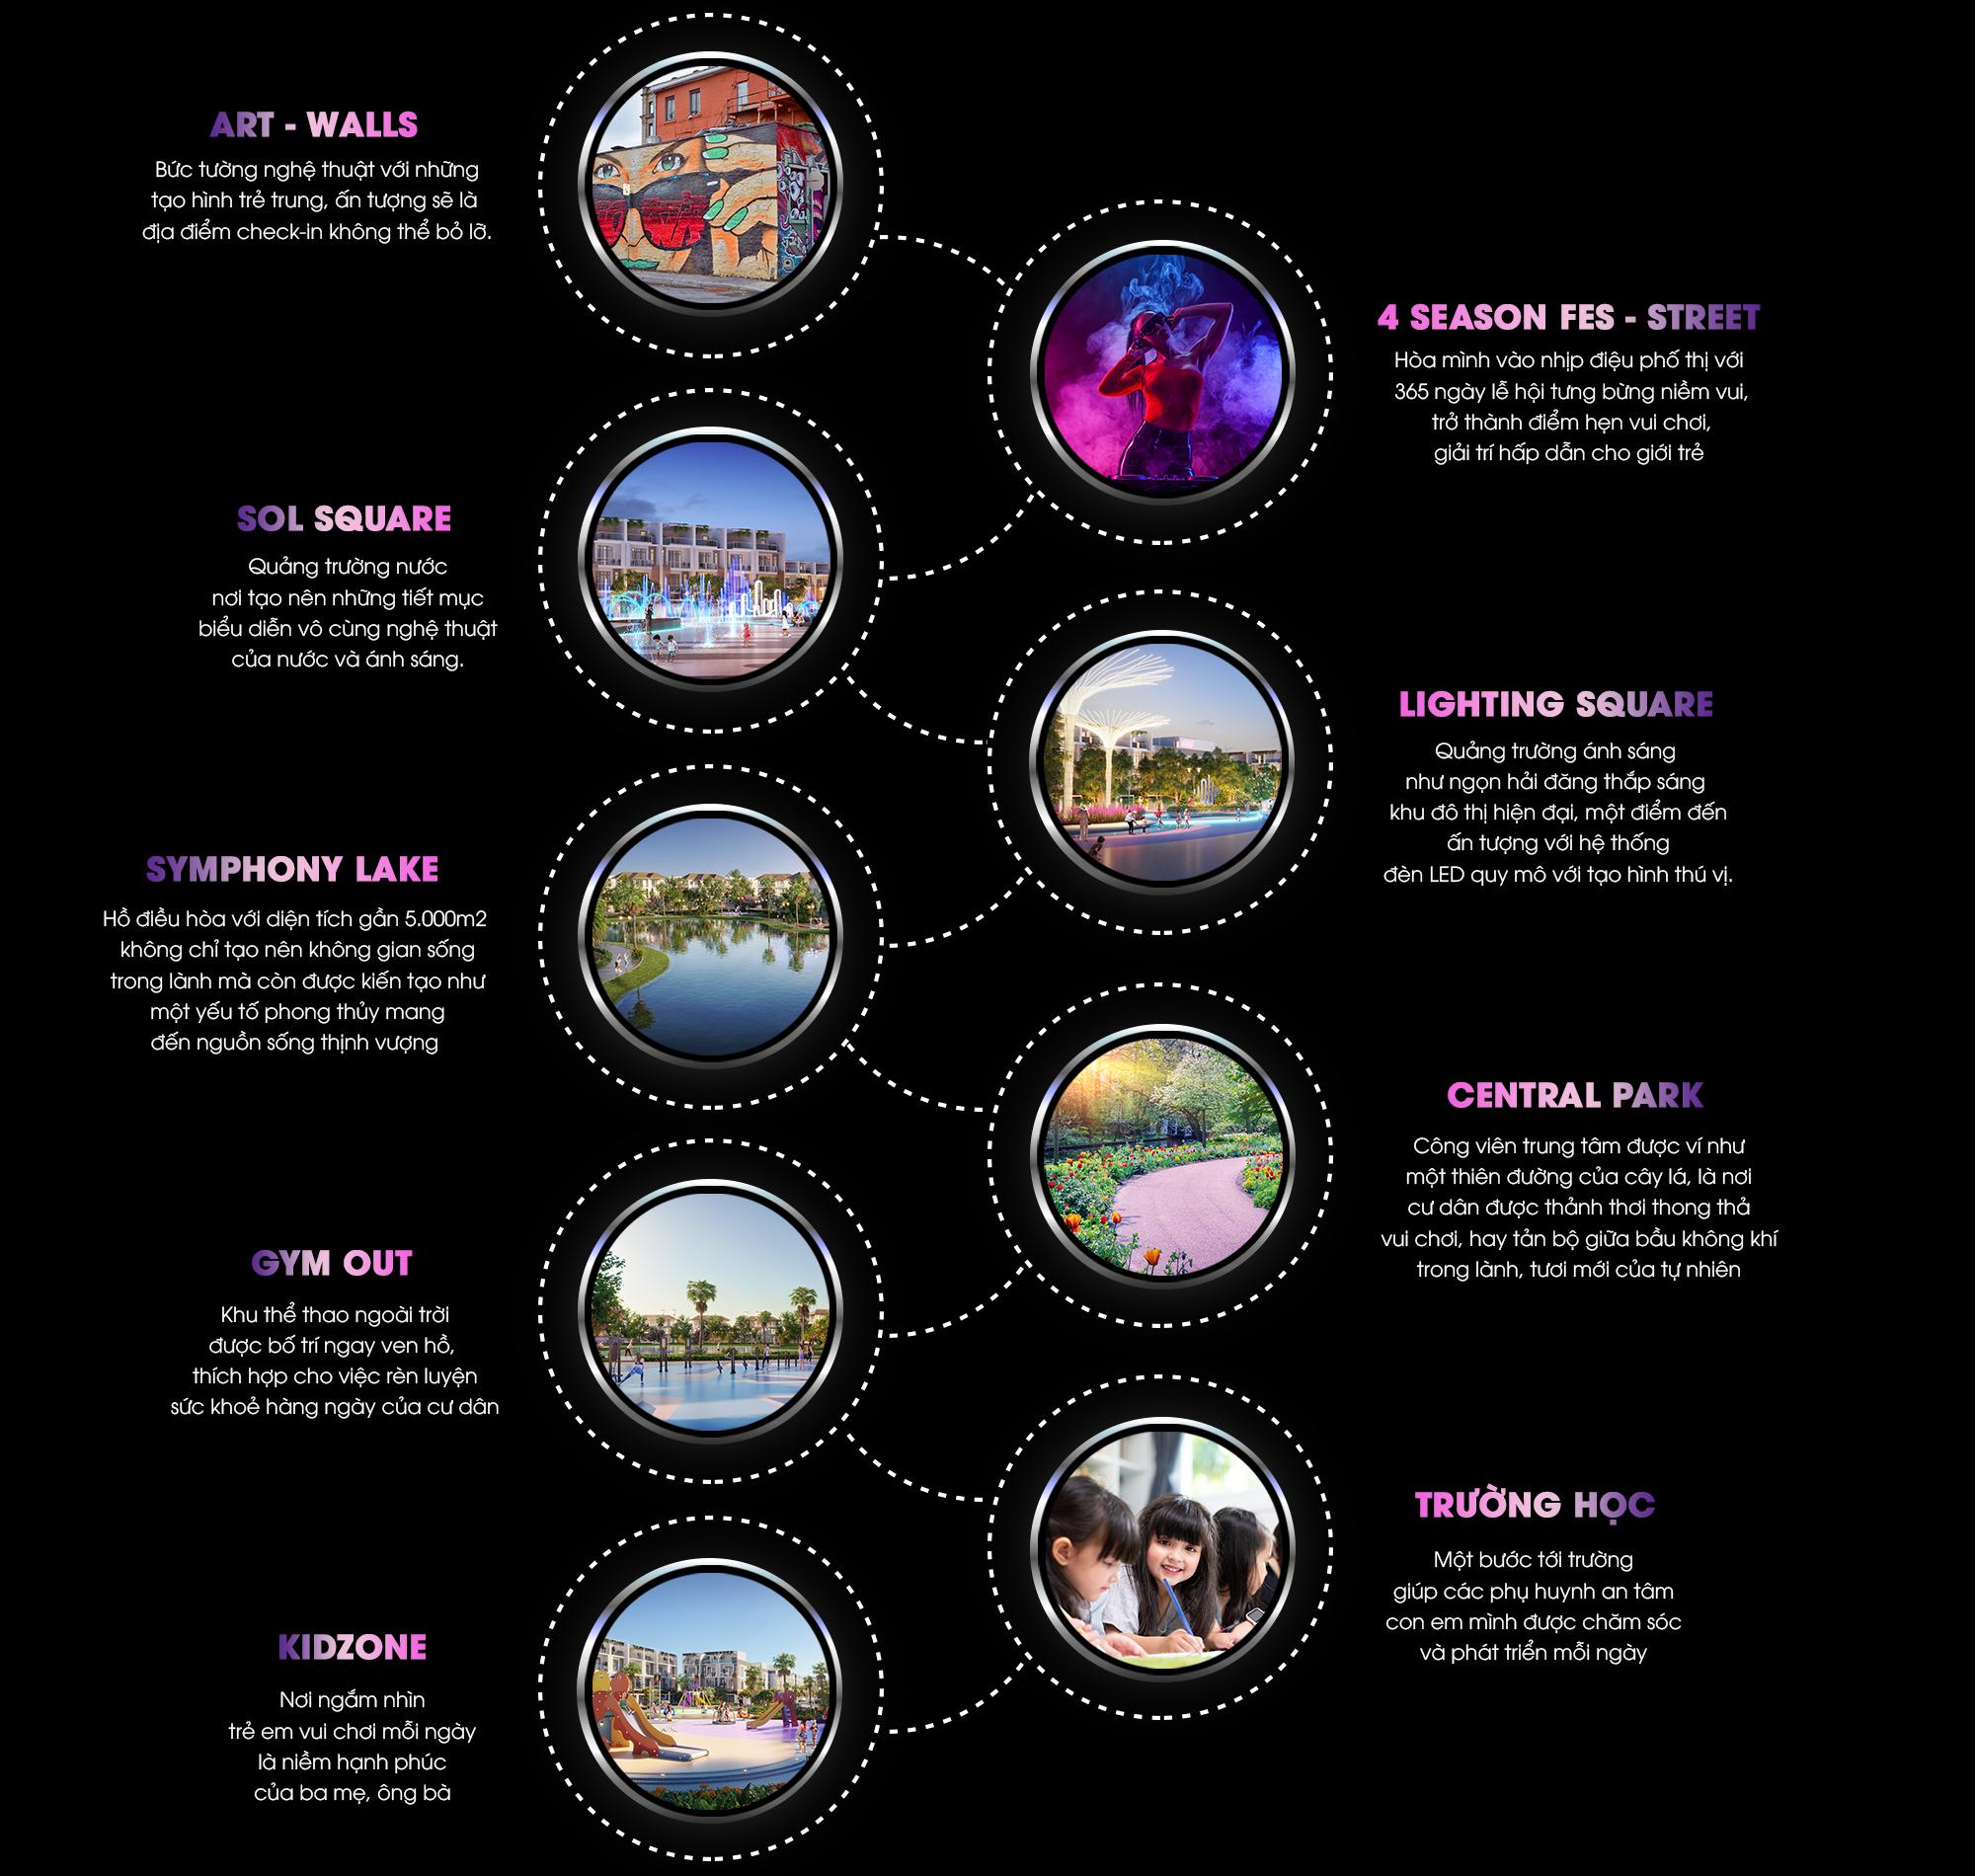 Cuộc sống thăng hoa, nhịp đập lan tỏa tại khu đô thị hiện đại bậc nhất TP. Thái Nguyên - Ảnh 12.